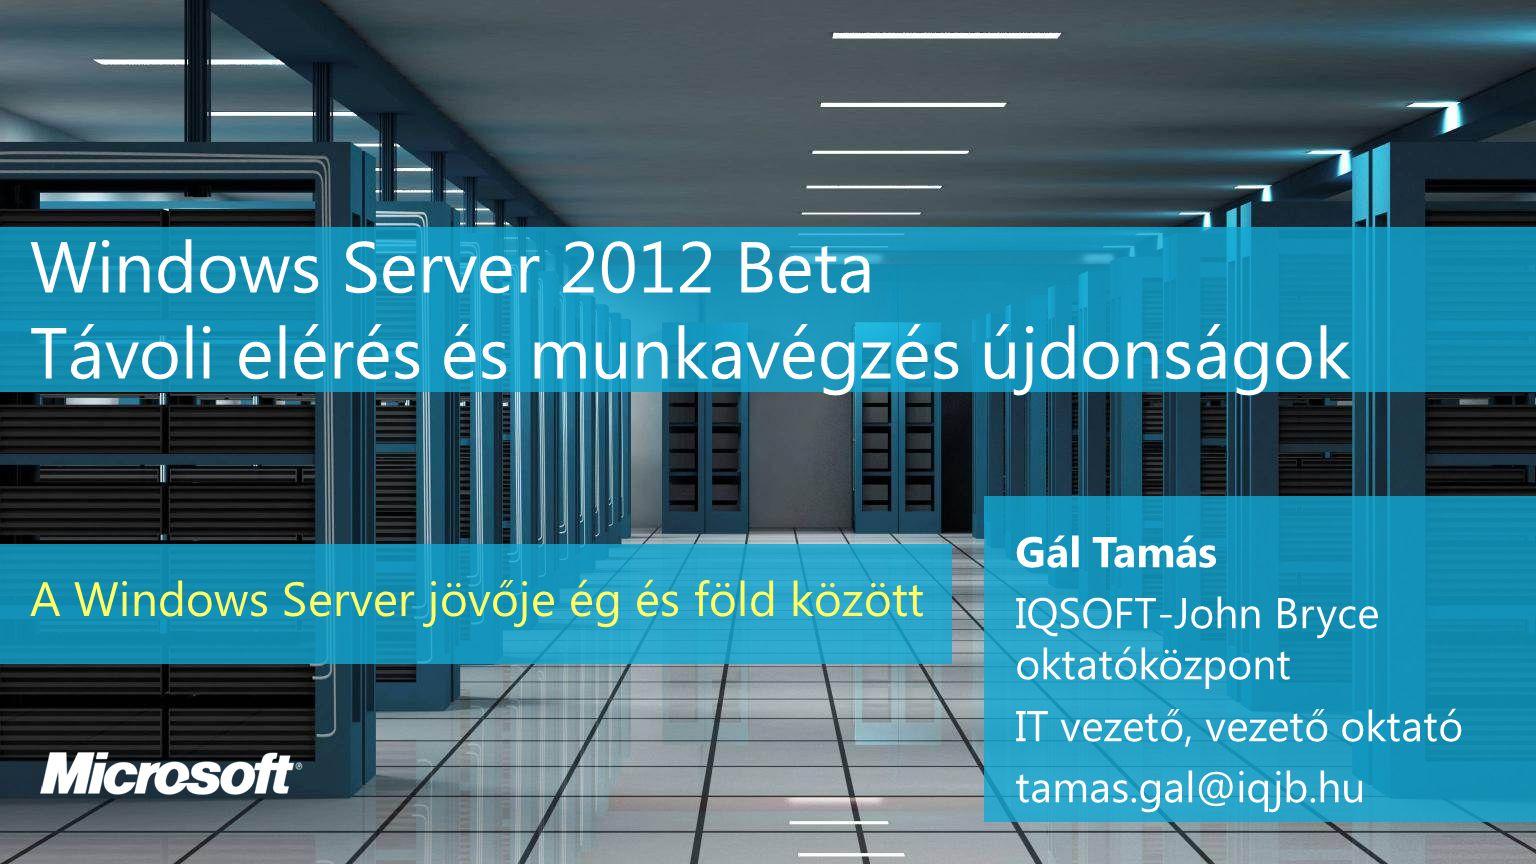 Windows Server 2012 Beta Távoli elérés és munkavégzés újdonságok A Windows Server jövője ég és föld között Gál Tamás IQSOFT-John Bryce oktatóközpont I